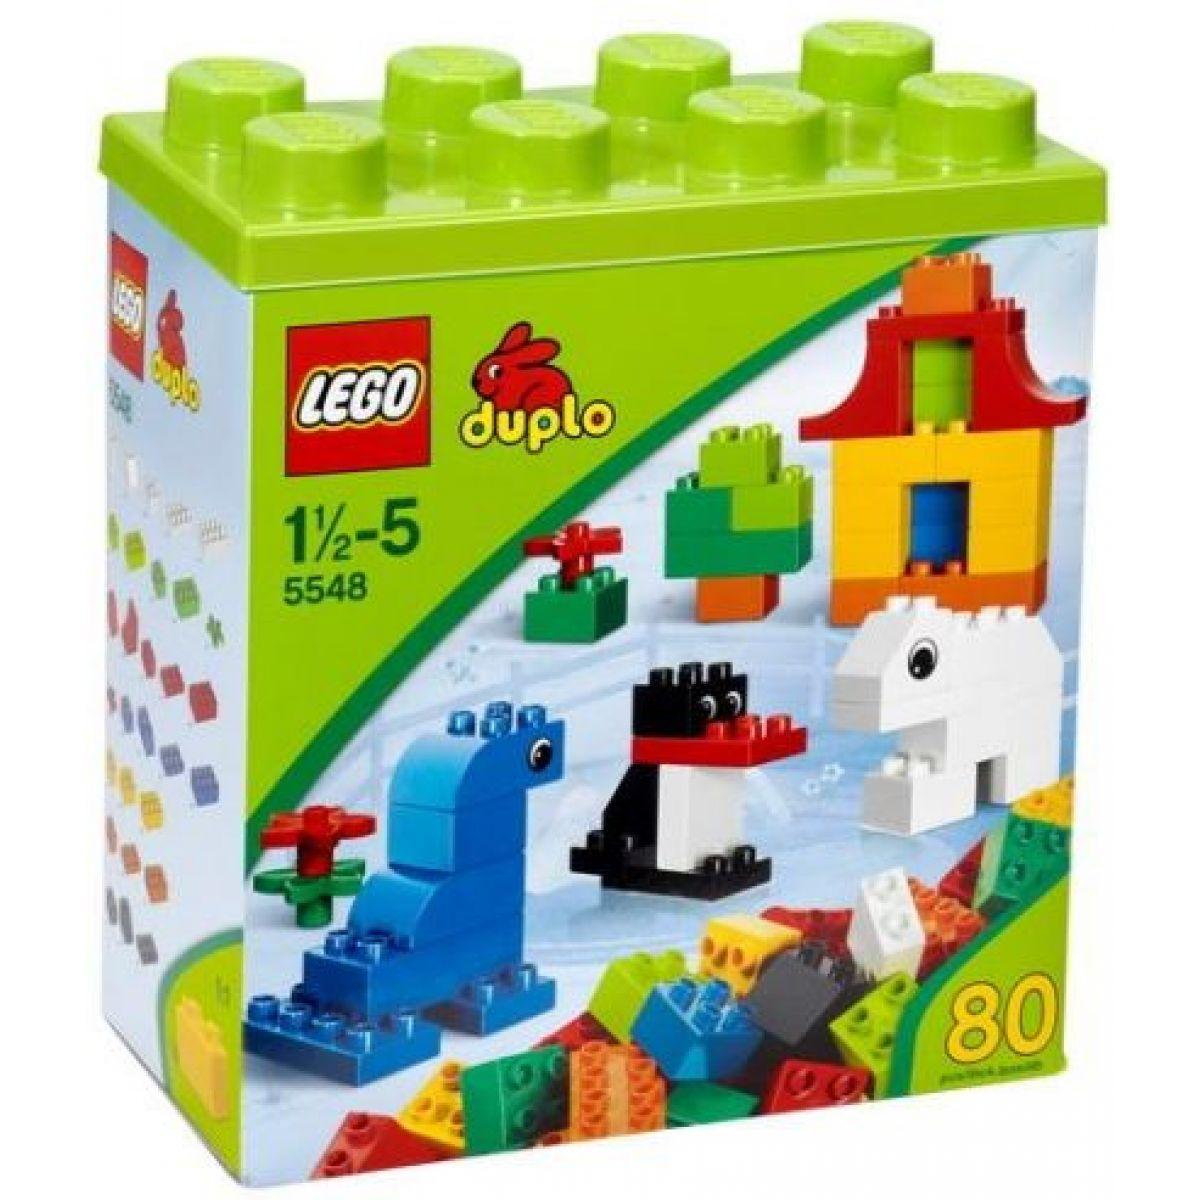 LEGO DUPLO 5548 DUPLO Zábavné stavění